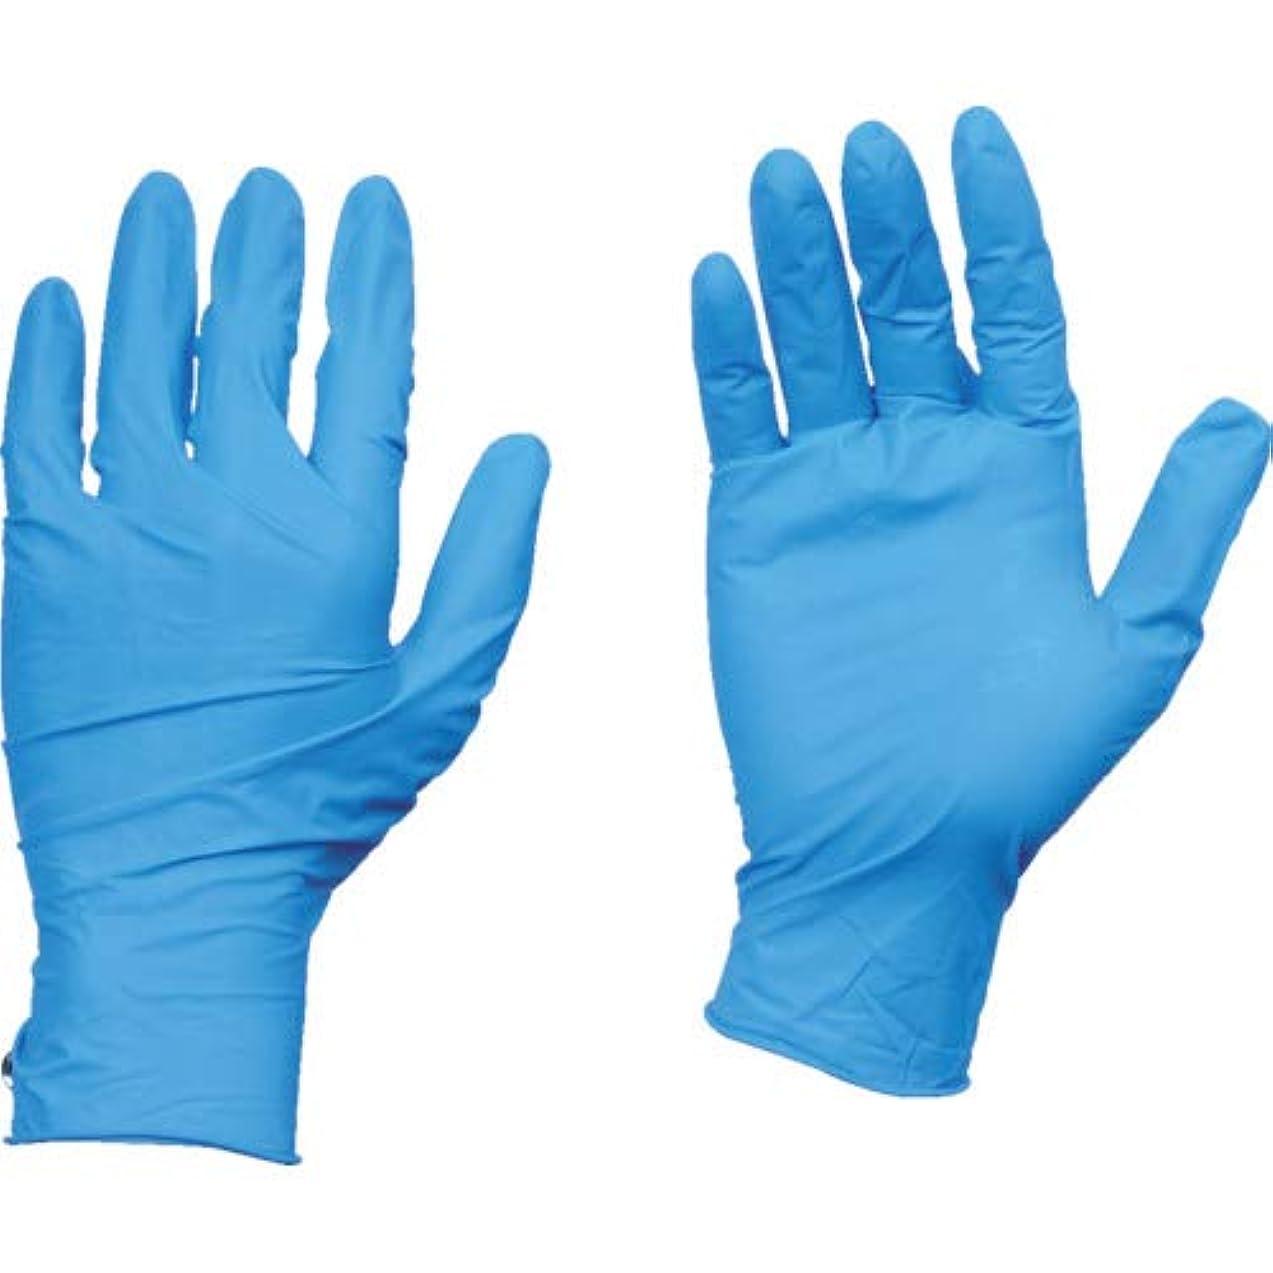 お風呂パトロールメッセンジャーTRUSCO(トラスコ) 10箱入り 使い捨て天然ゴム手袋TGワーク 0.10 粉付青M TGPL10BM10C